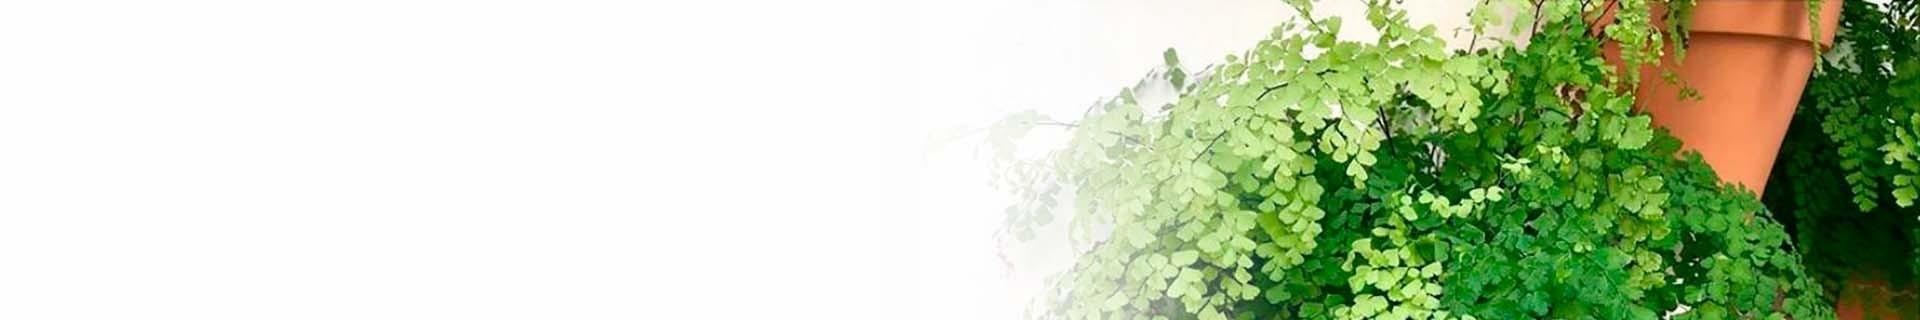 Souscription de nouvelles plantes à chaque saison | CitySens